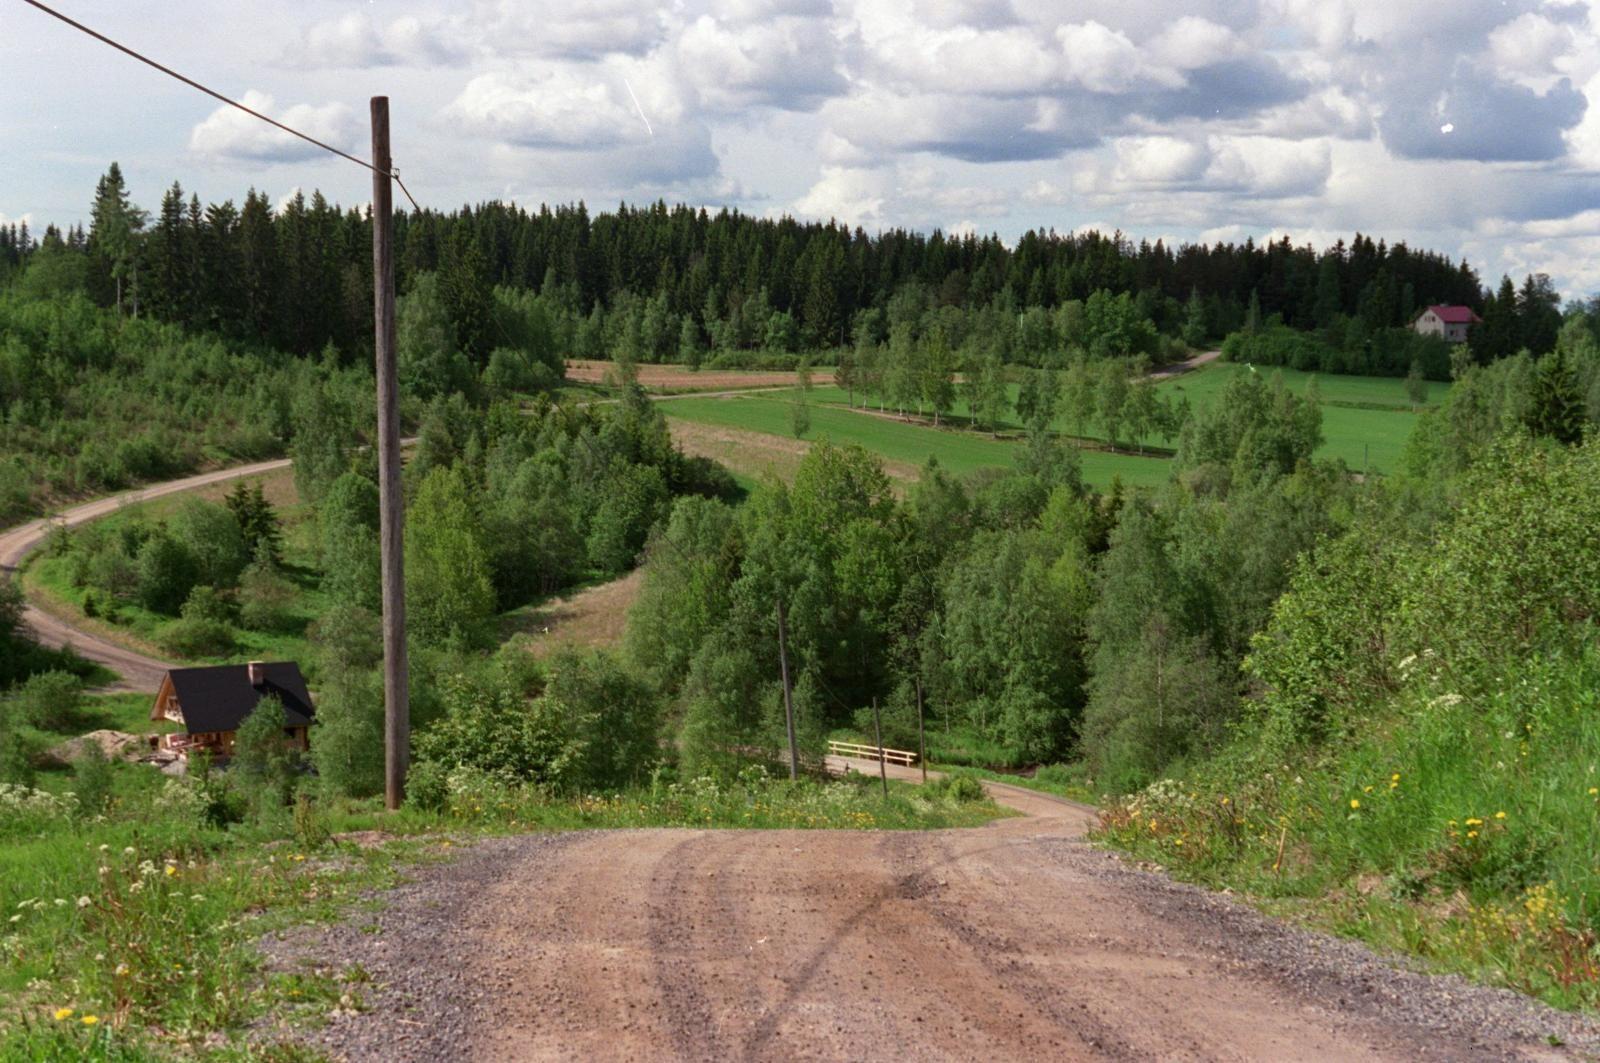 Kuva: VL arkisto > Maaseudun asukkaat päättävät ja maksavat itse asumisestaan, kirjoittaa Petri P. Pentikäinen